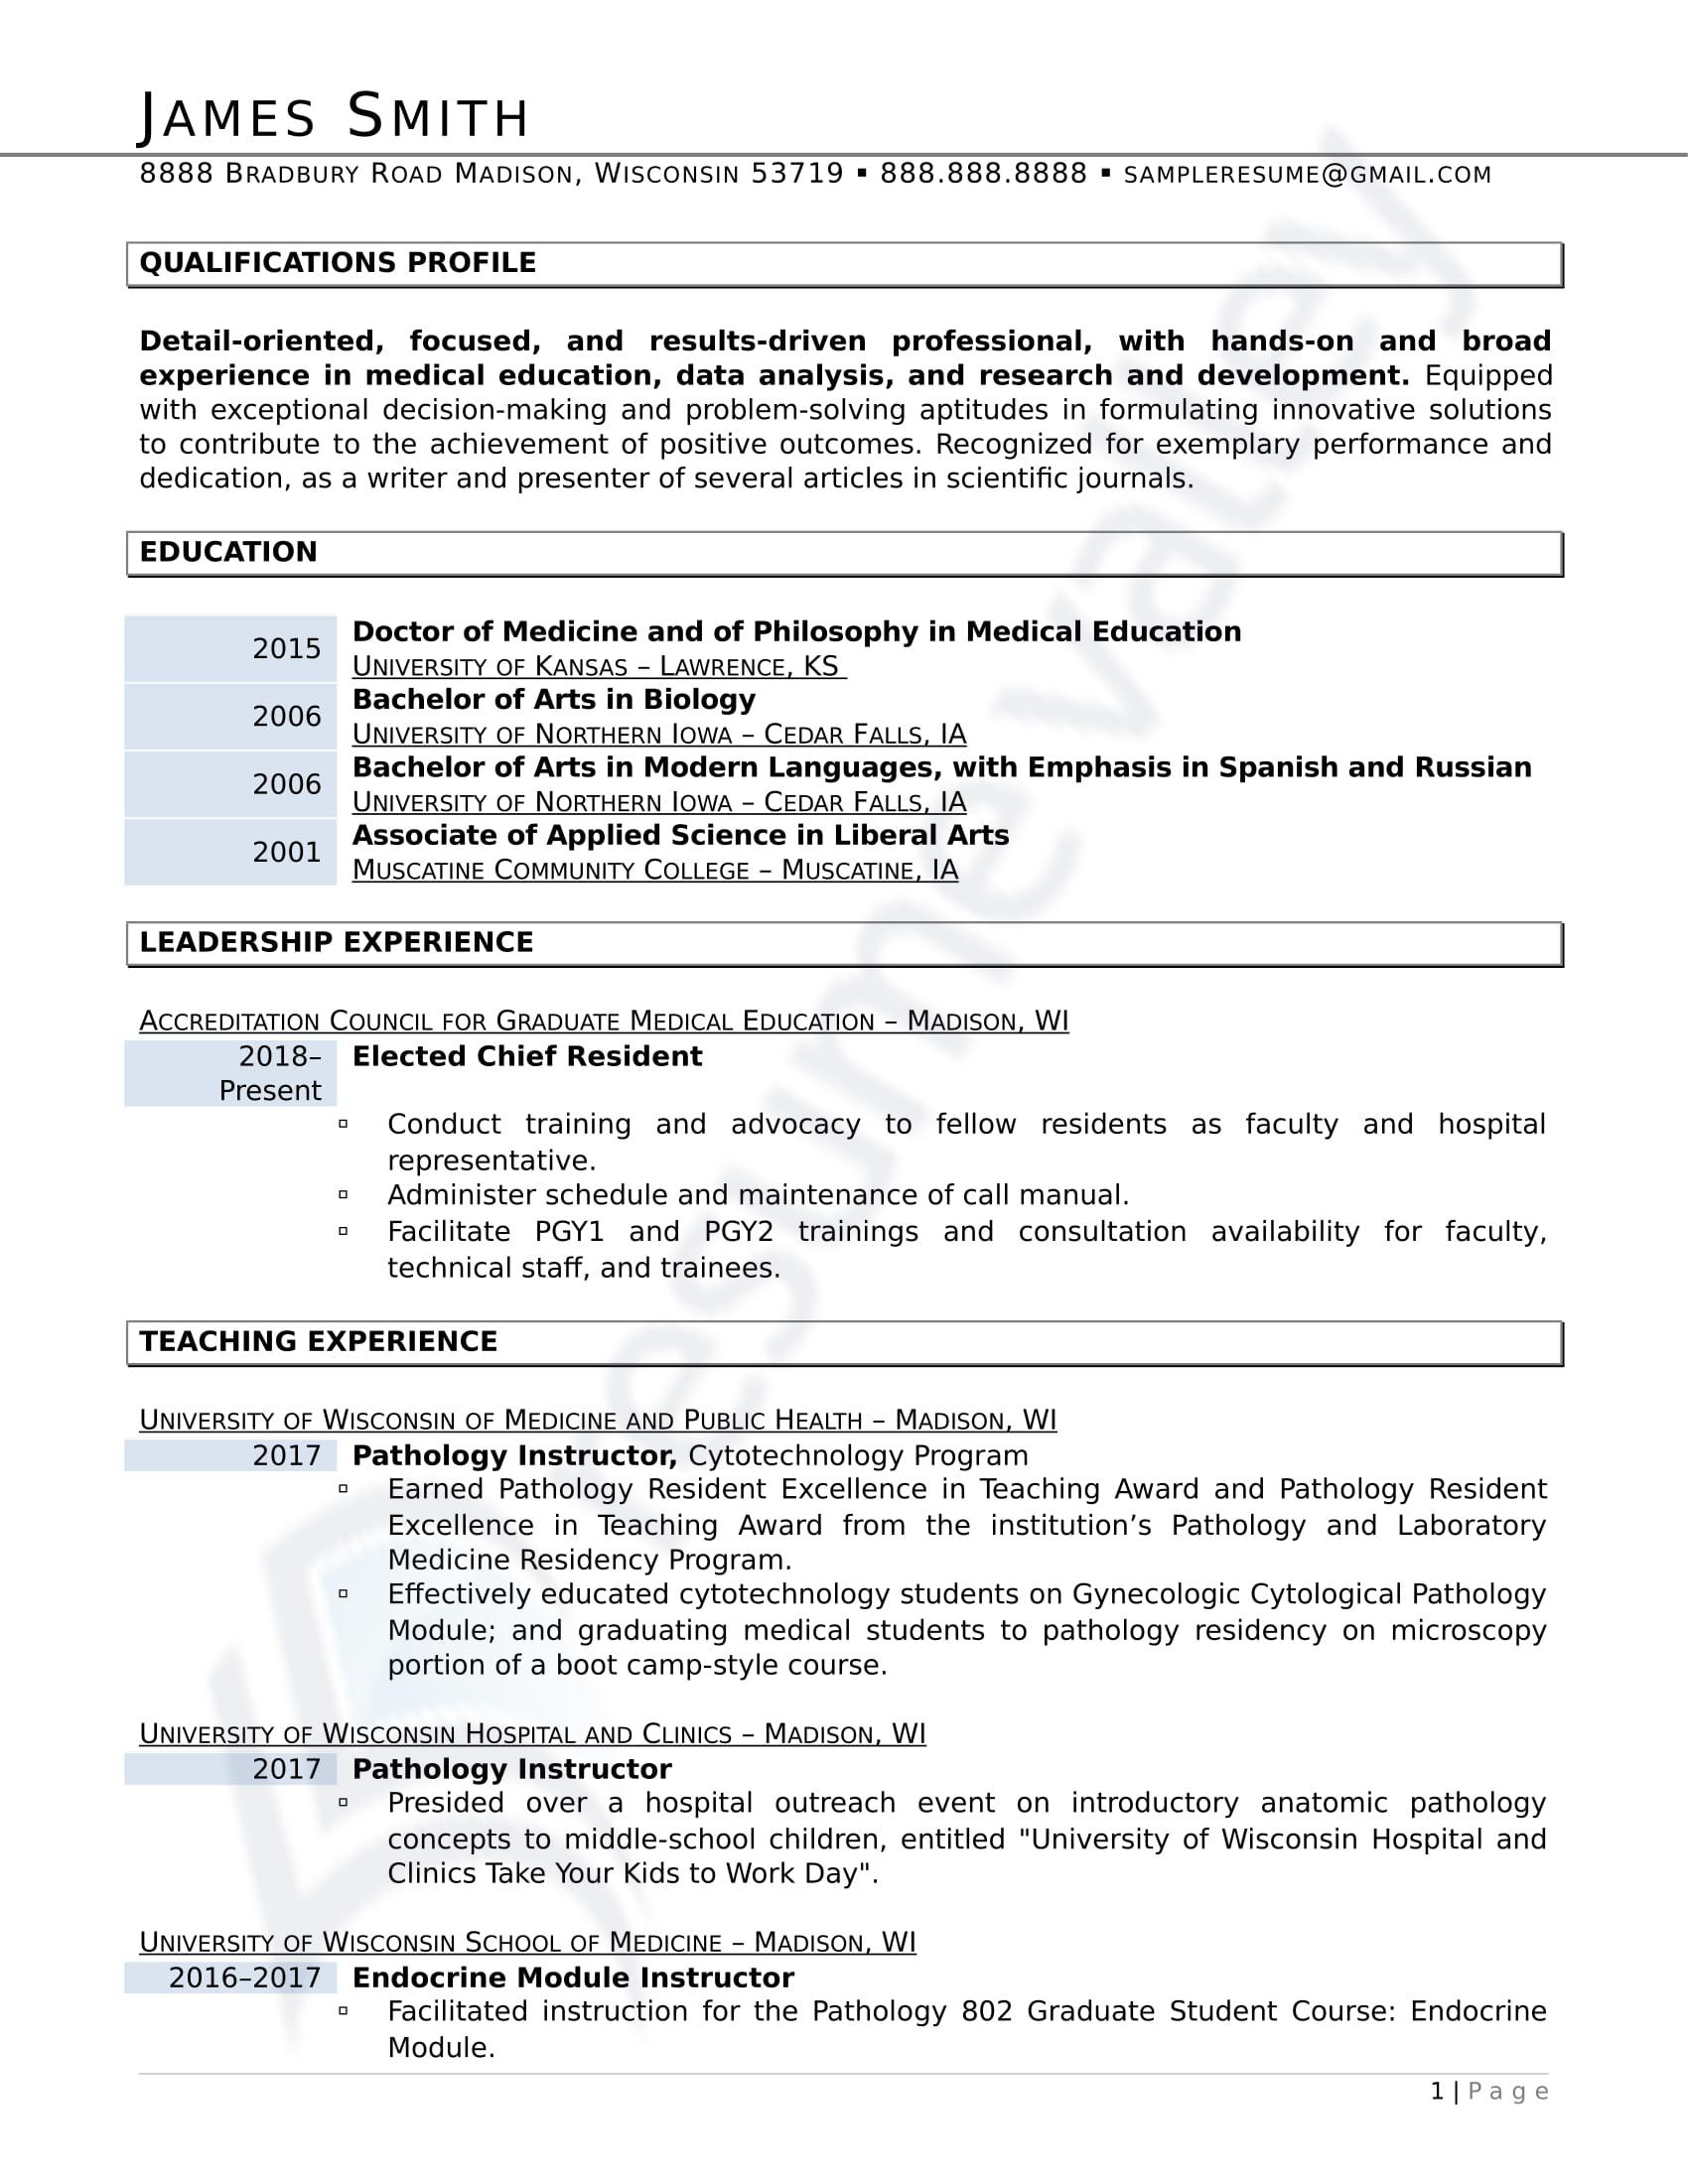 Doctor of Medicine_Curriculum Vitae